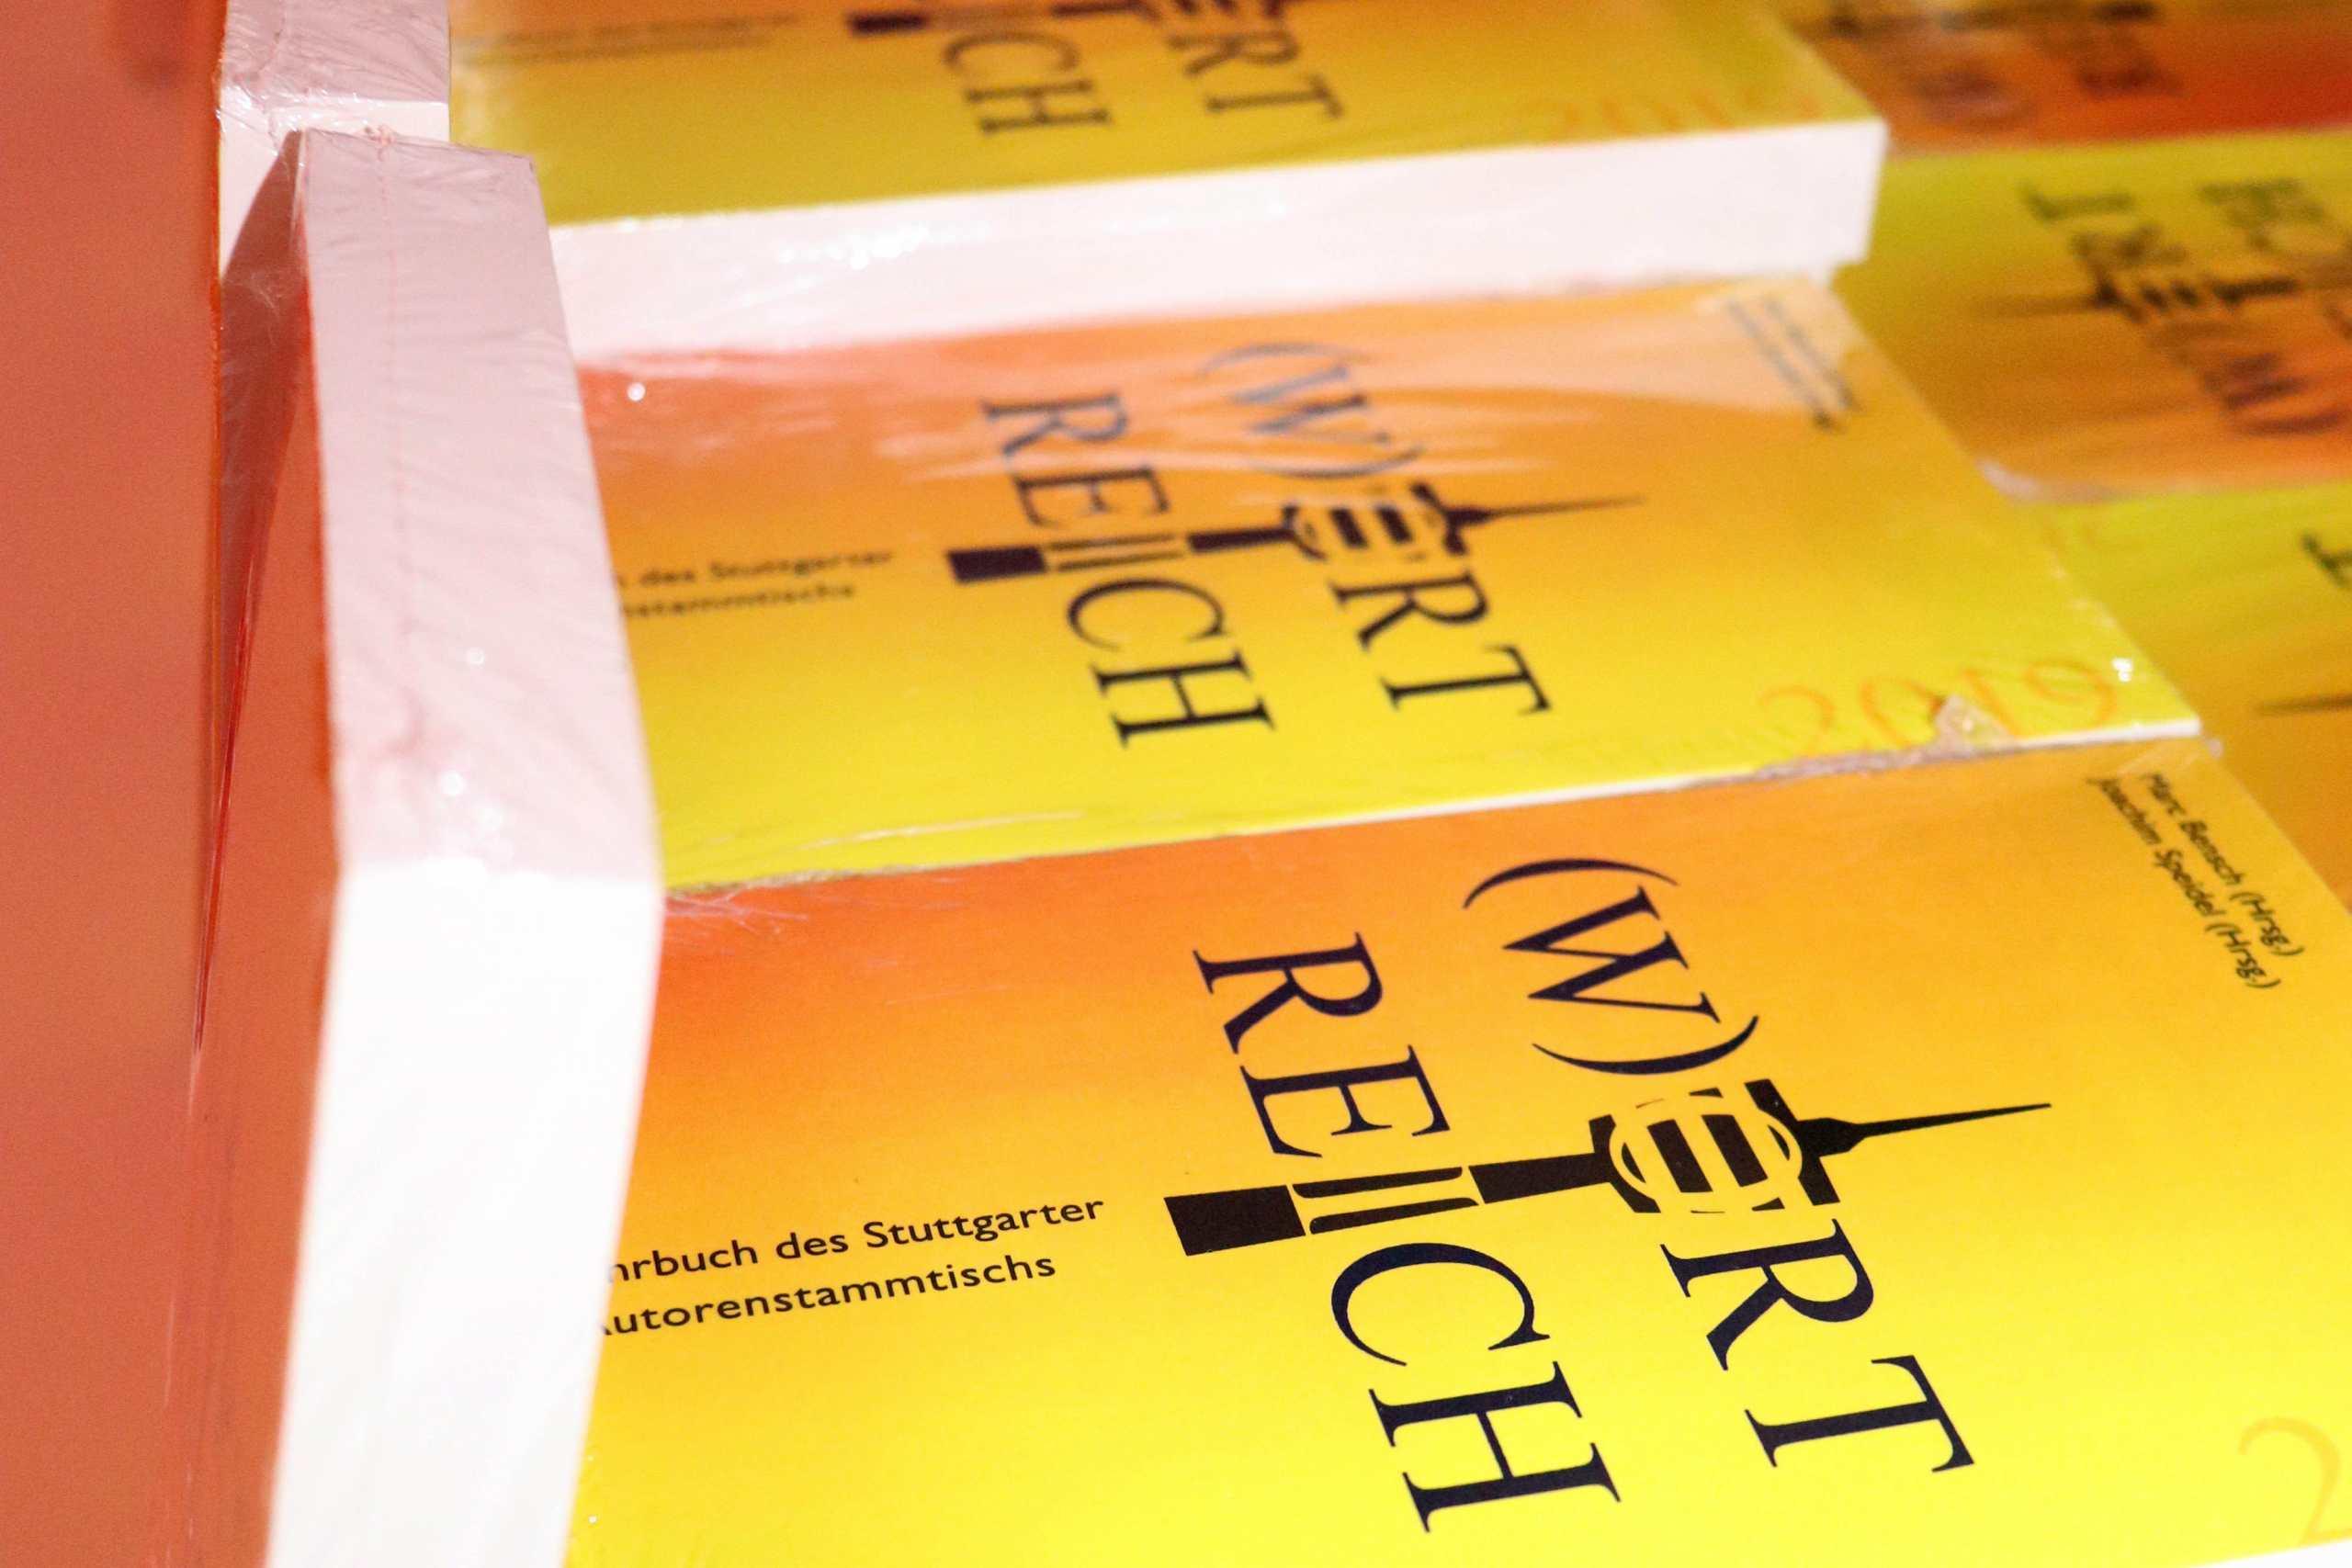 Stapel der gelb-orangefarbenen Bücher